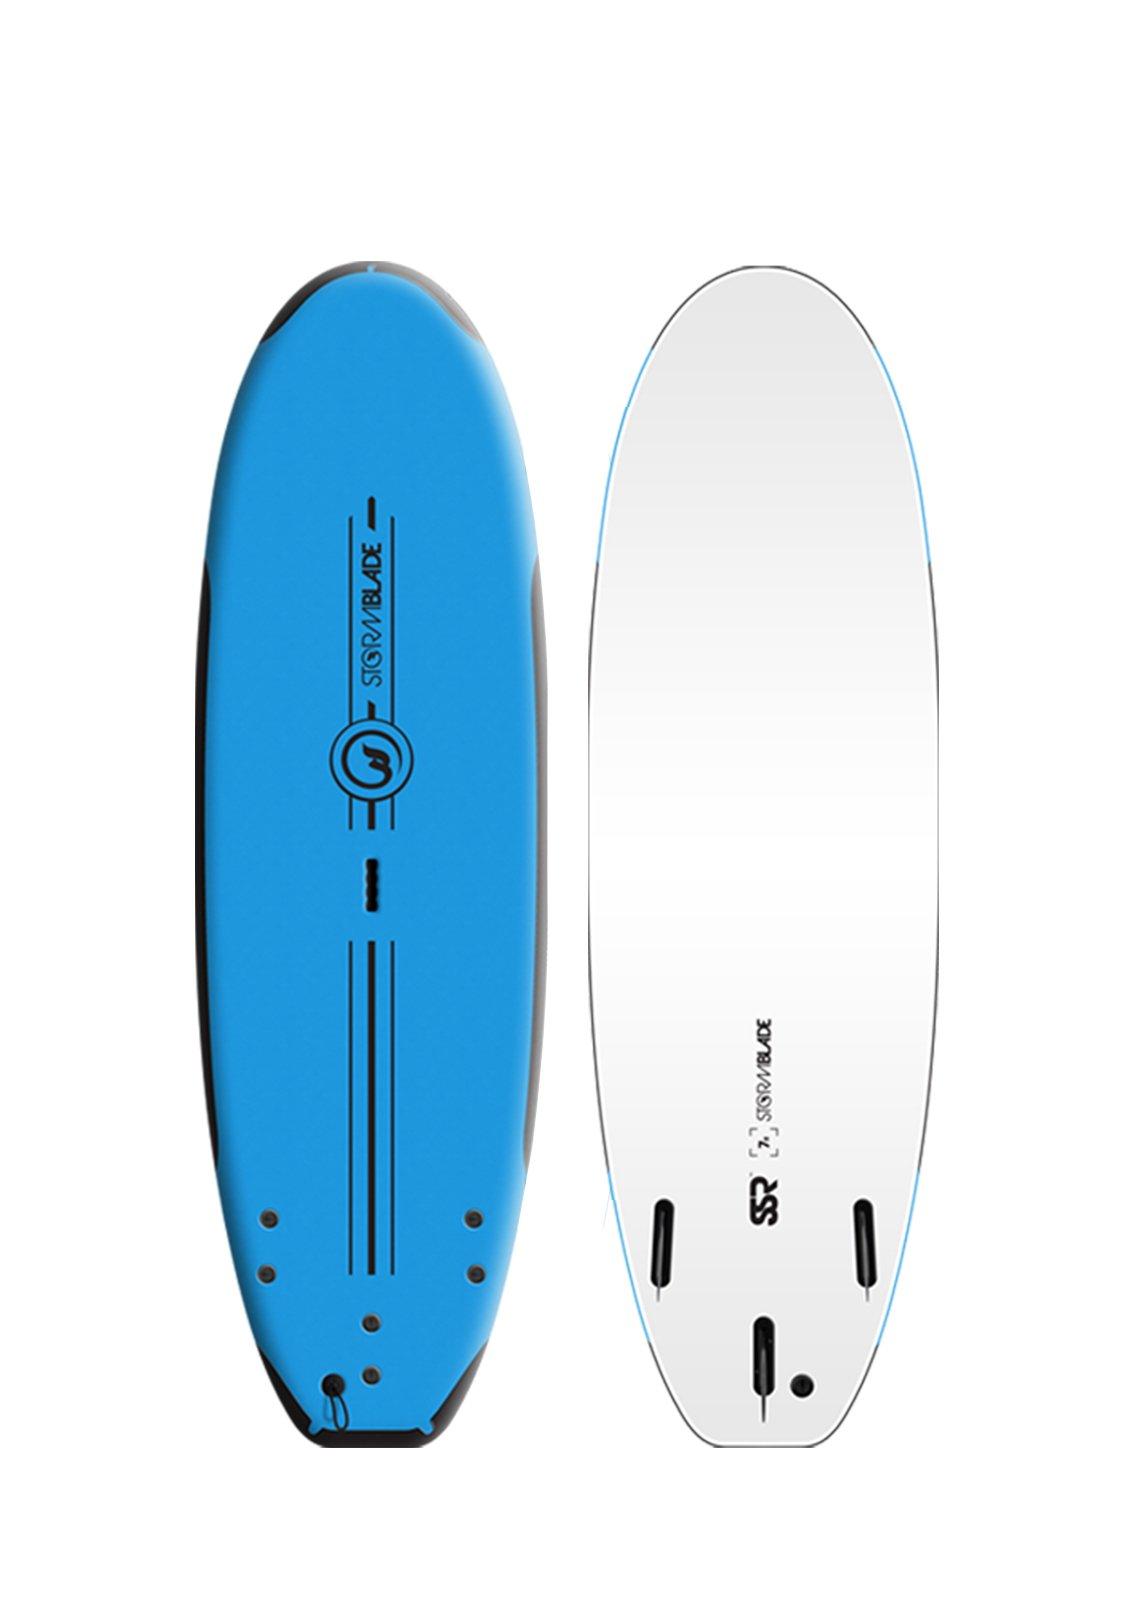 Stormblade Surfboards San Clemente Surfboard Rentals